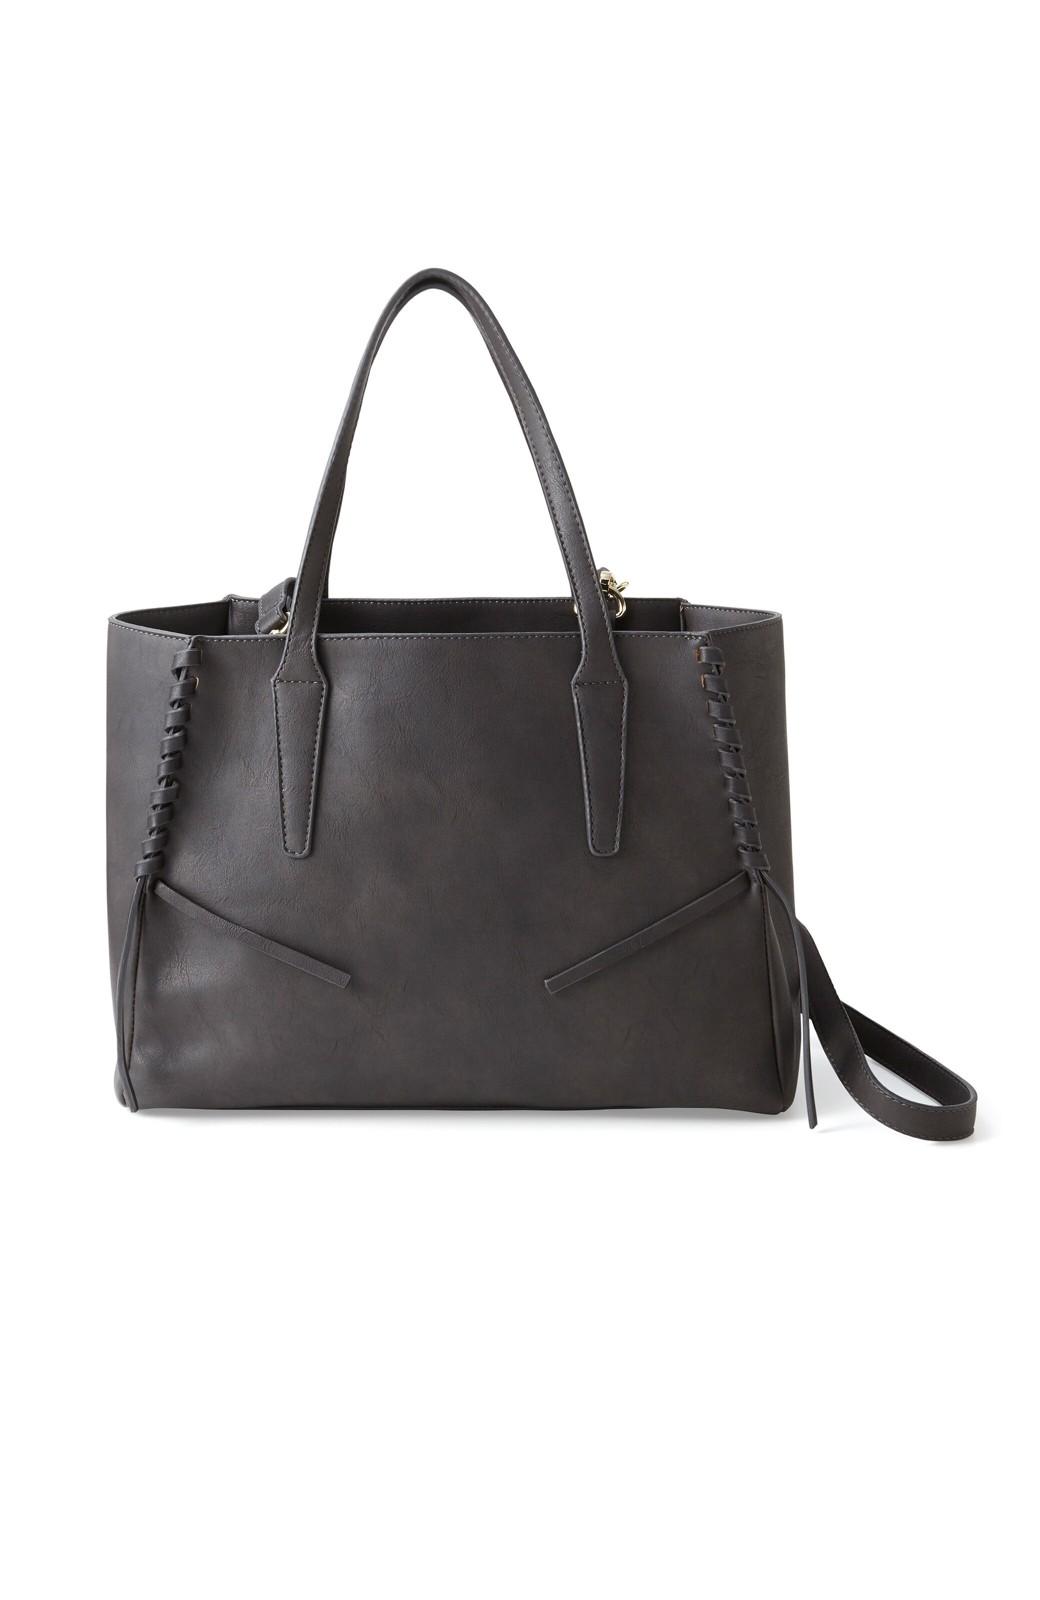 エムトロワ 編み込みデザインがかわいいフェミニントートバッグ <チャコールグレー>の商品写真1